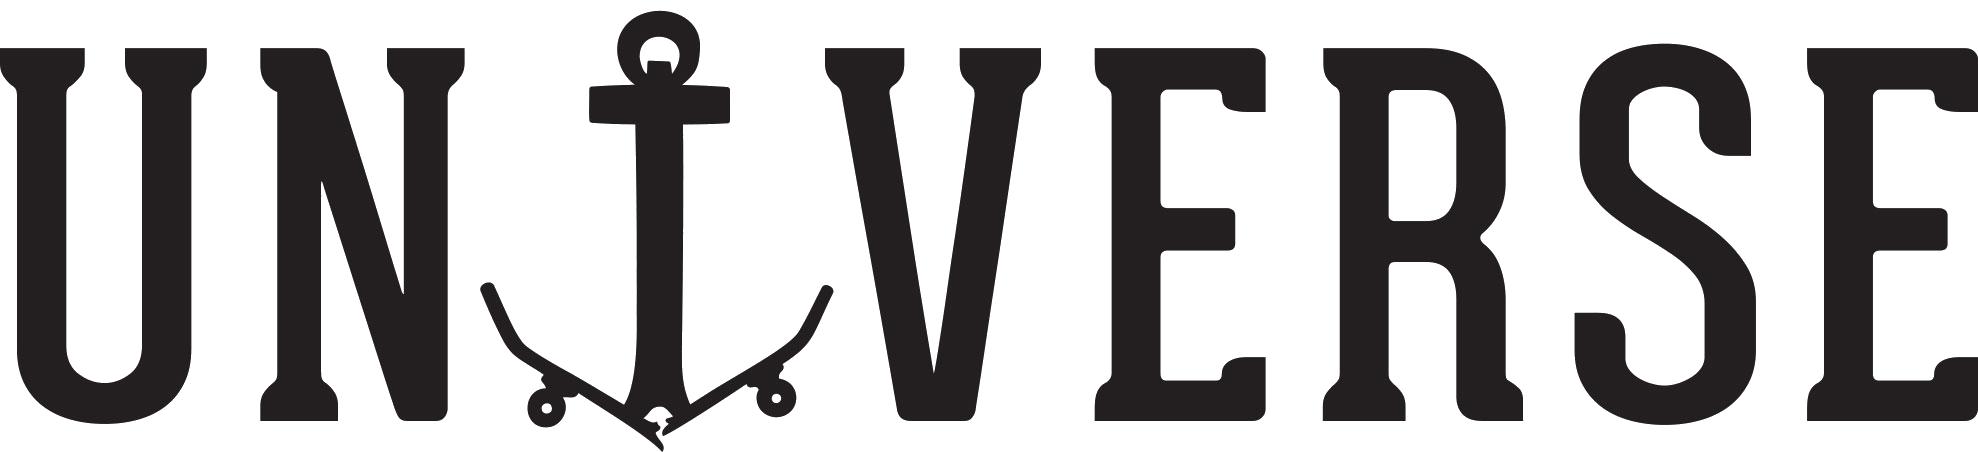 Skateboard, Snowboard, Wakeboard & Surf